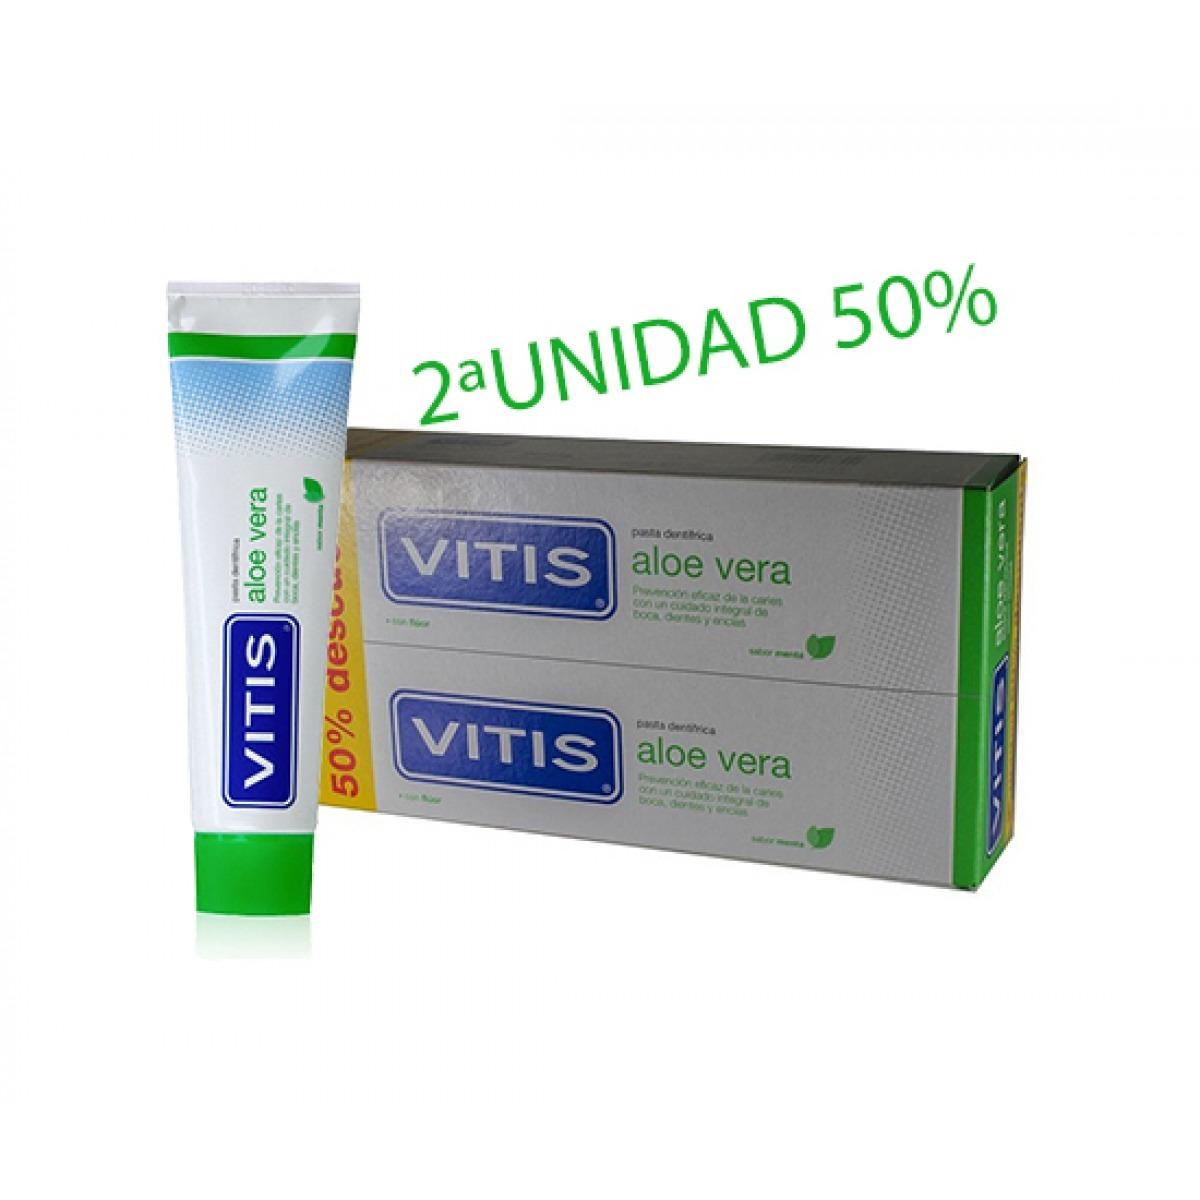 VITIS ALOE VERA PASTA DENTRFICA 2X125ML.2UNIDAD 50 DESCUENTO OFERTA WEB